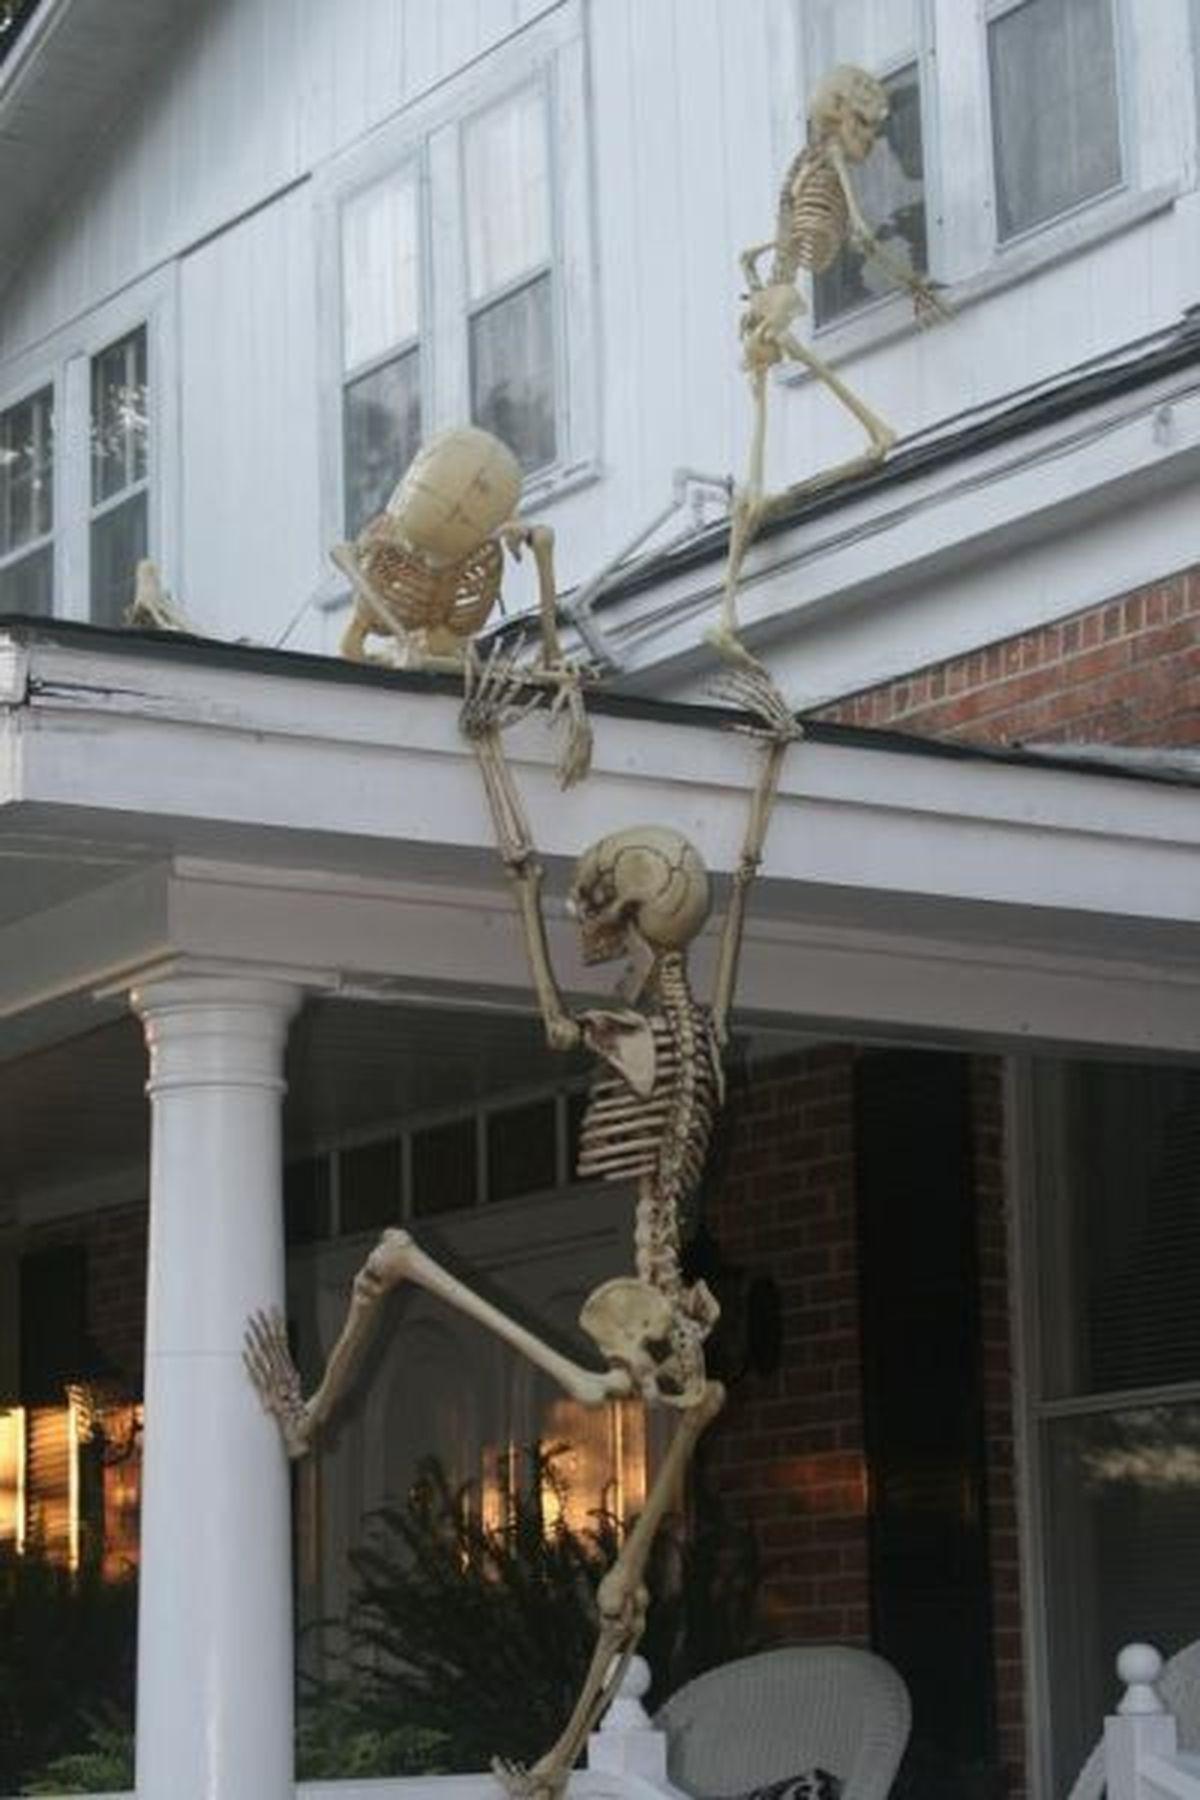 Diy Outdoor Halloween Decorations  plete List of Halloween Decorations Ideas In Your Home